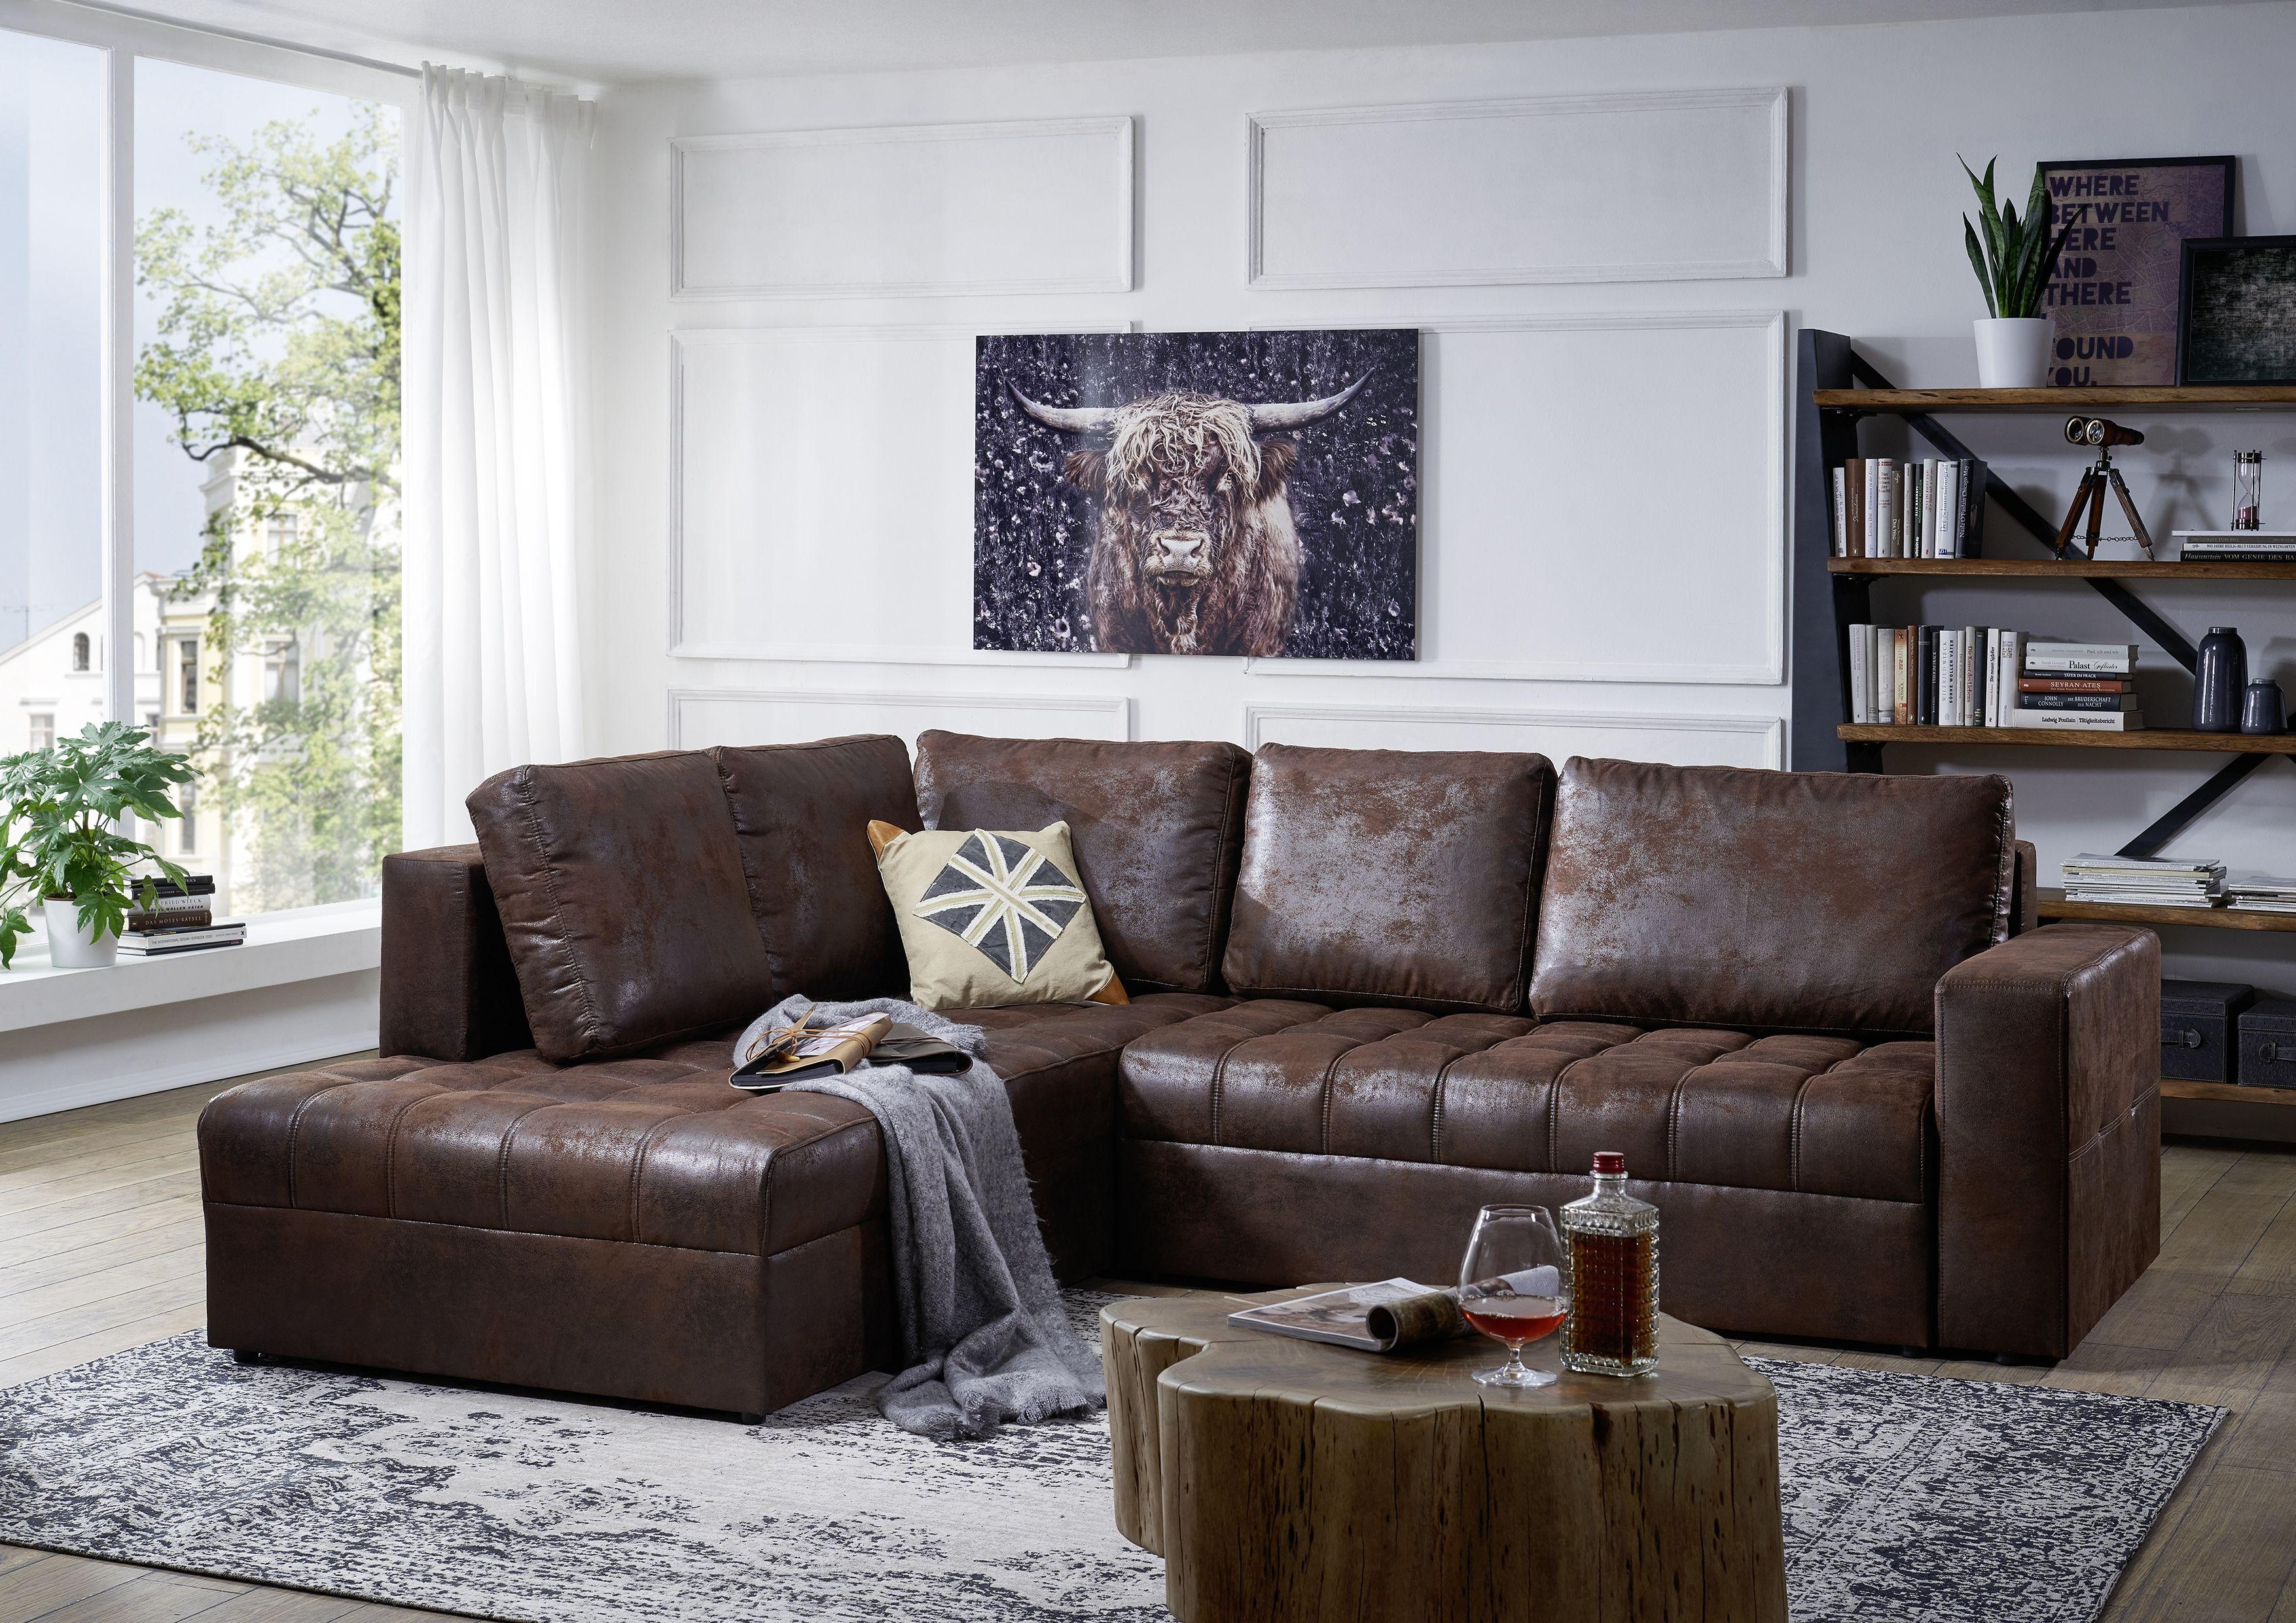 Modernes Sofa – Designer Couch fürs Wohnzimmer aus Leder – schwarz